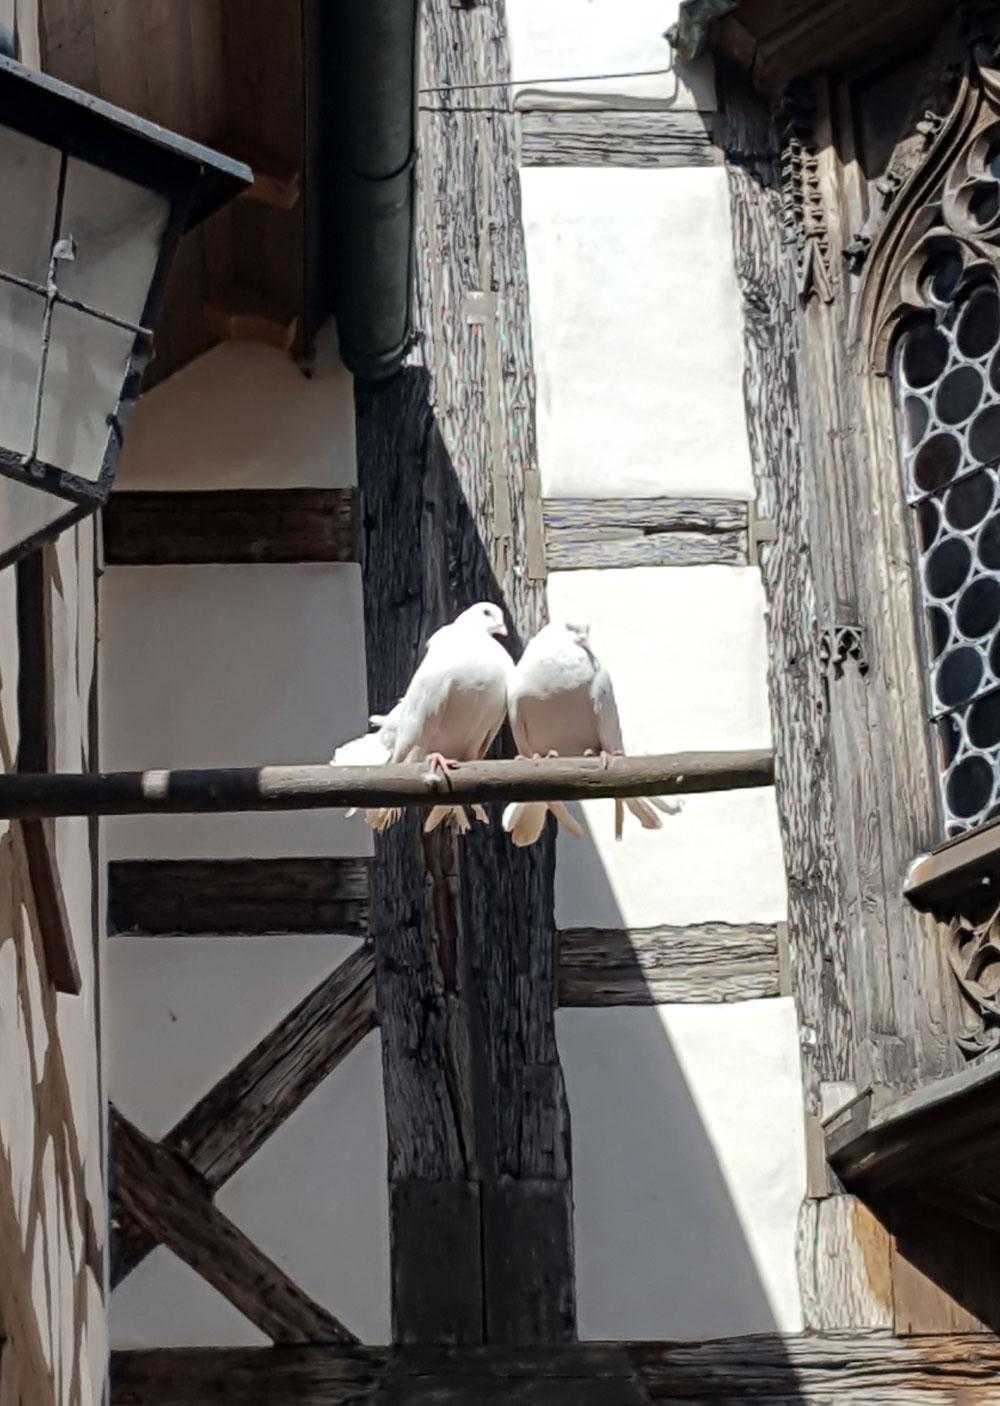 Weiße Turteltauben vor dem Taubenhaus